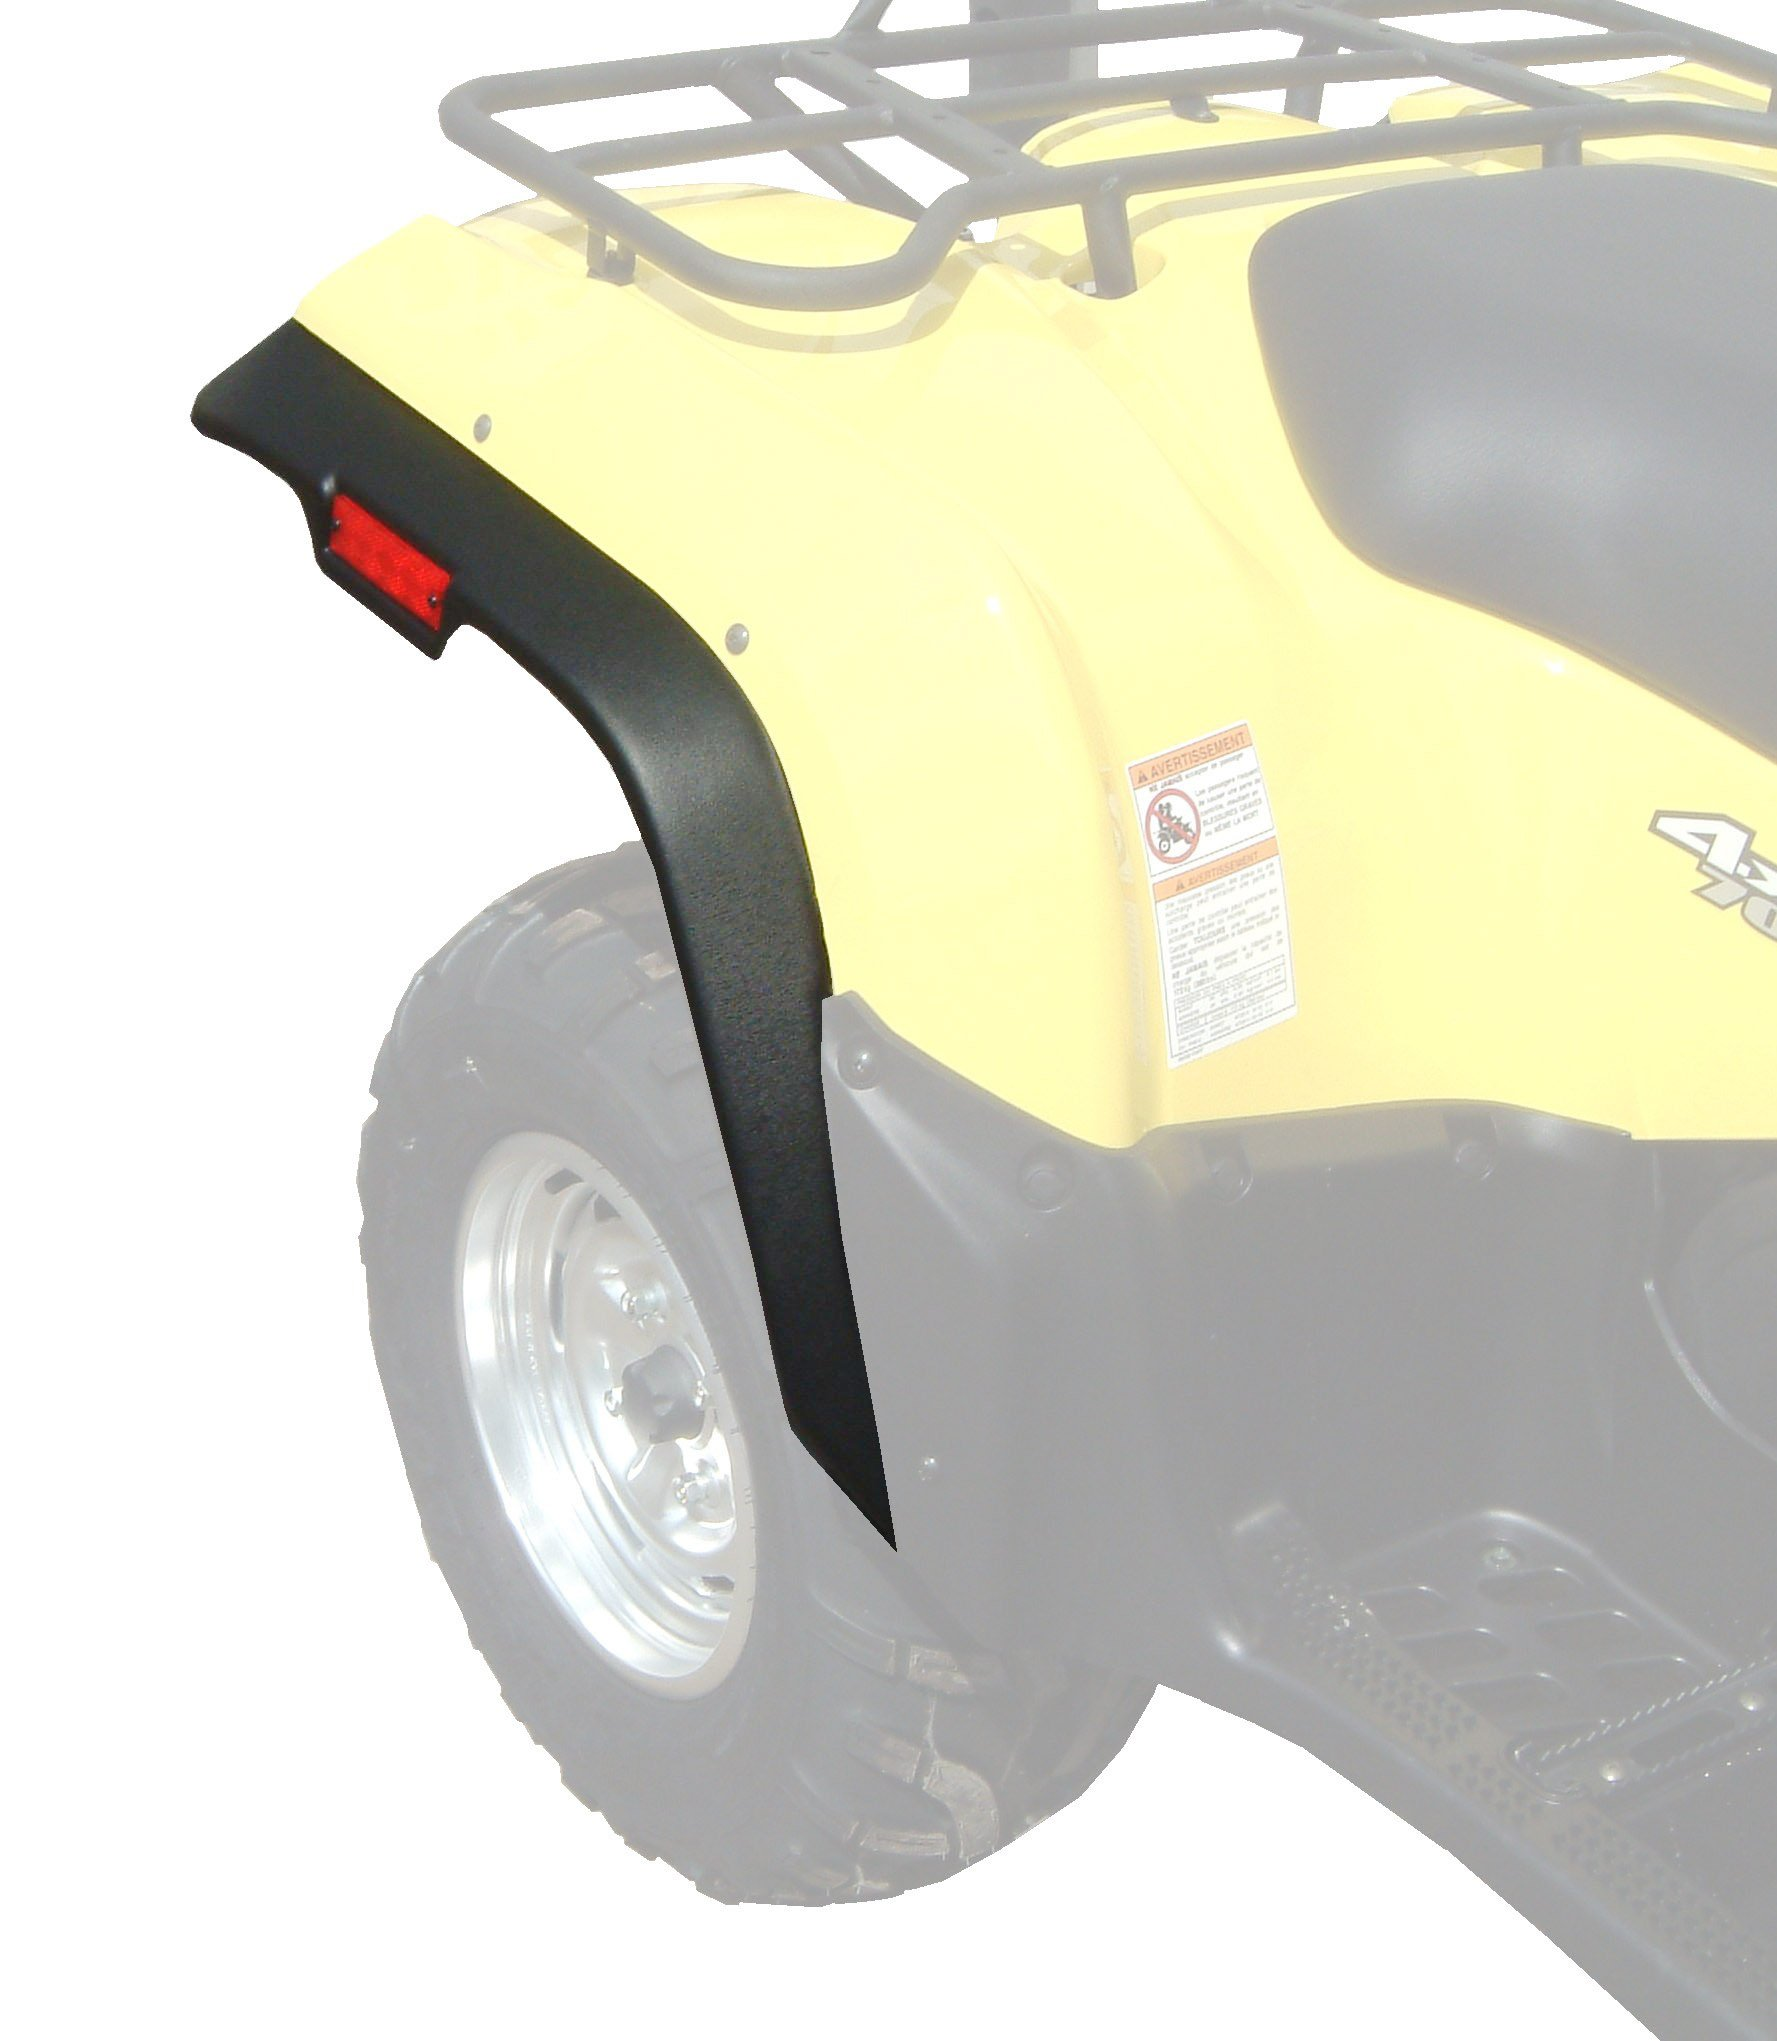 ATV Fender Flares - Suzuki King Quad 450 / 500 / 700 / 750